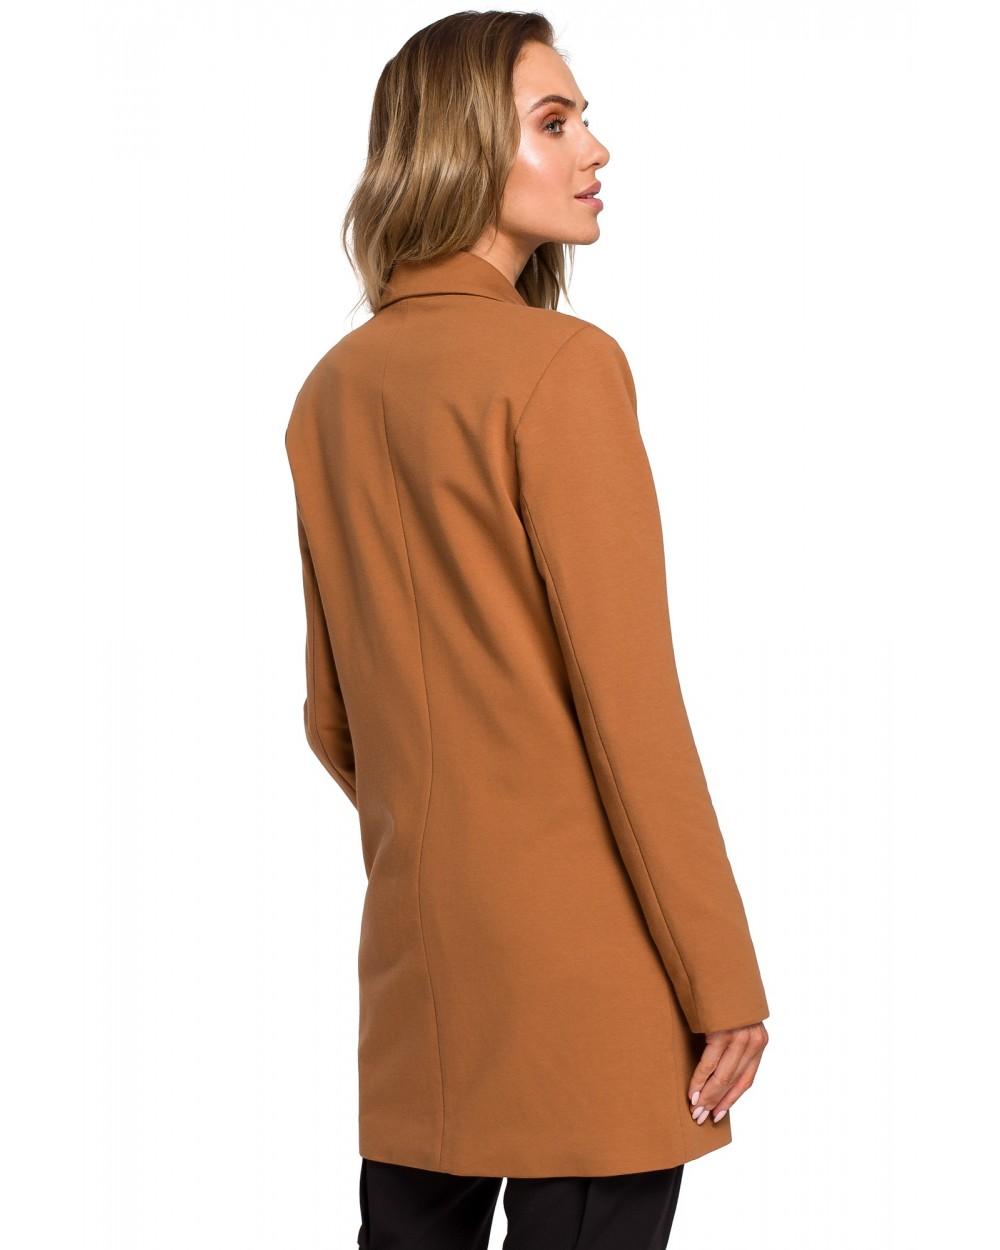 0d3d9ede32 Żakiet damski dwurzędowy karmelowy brązowy elegancki sklep online